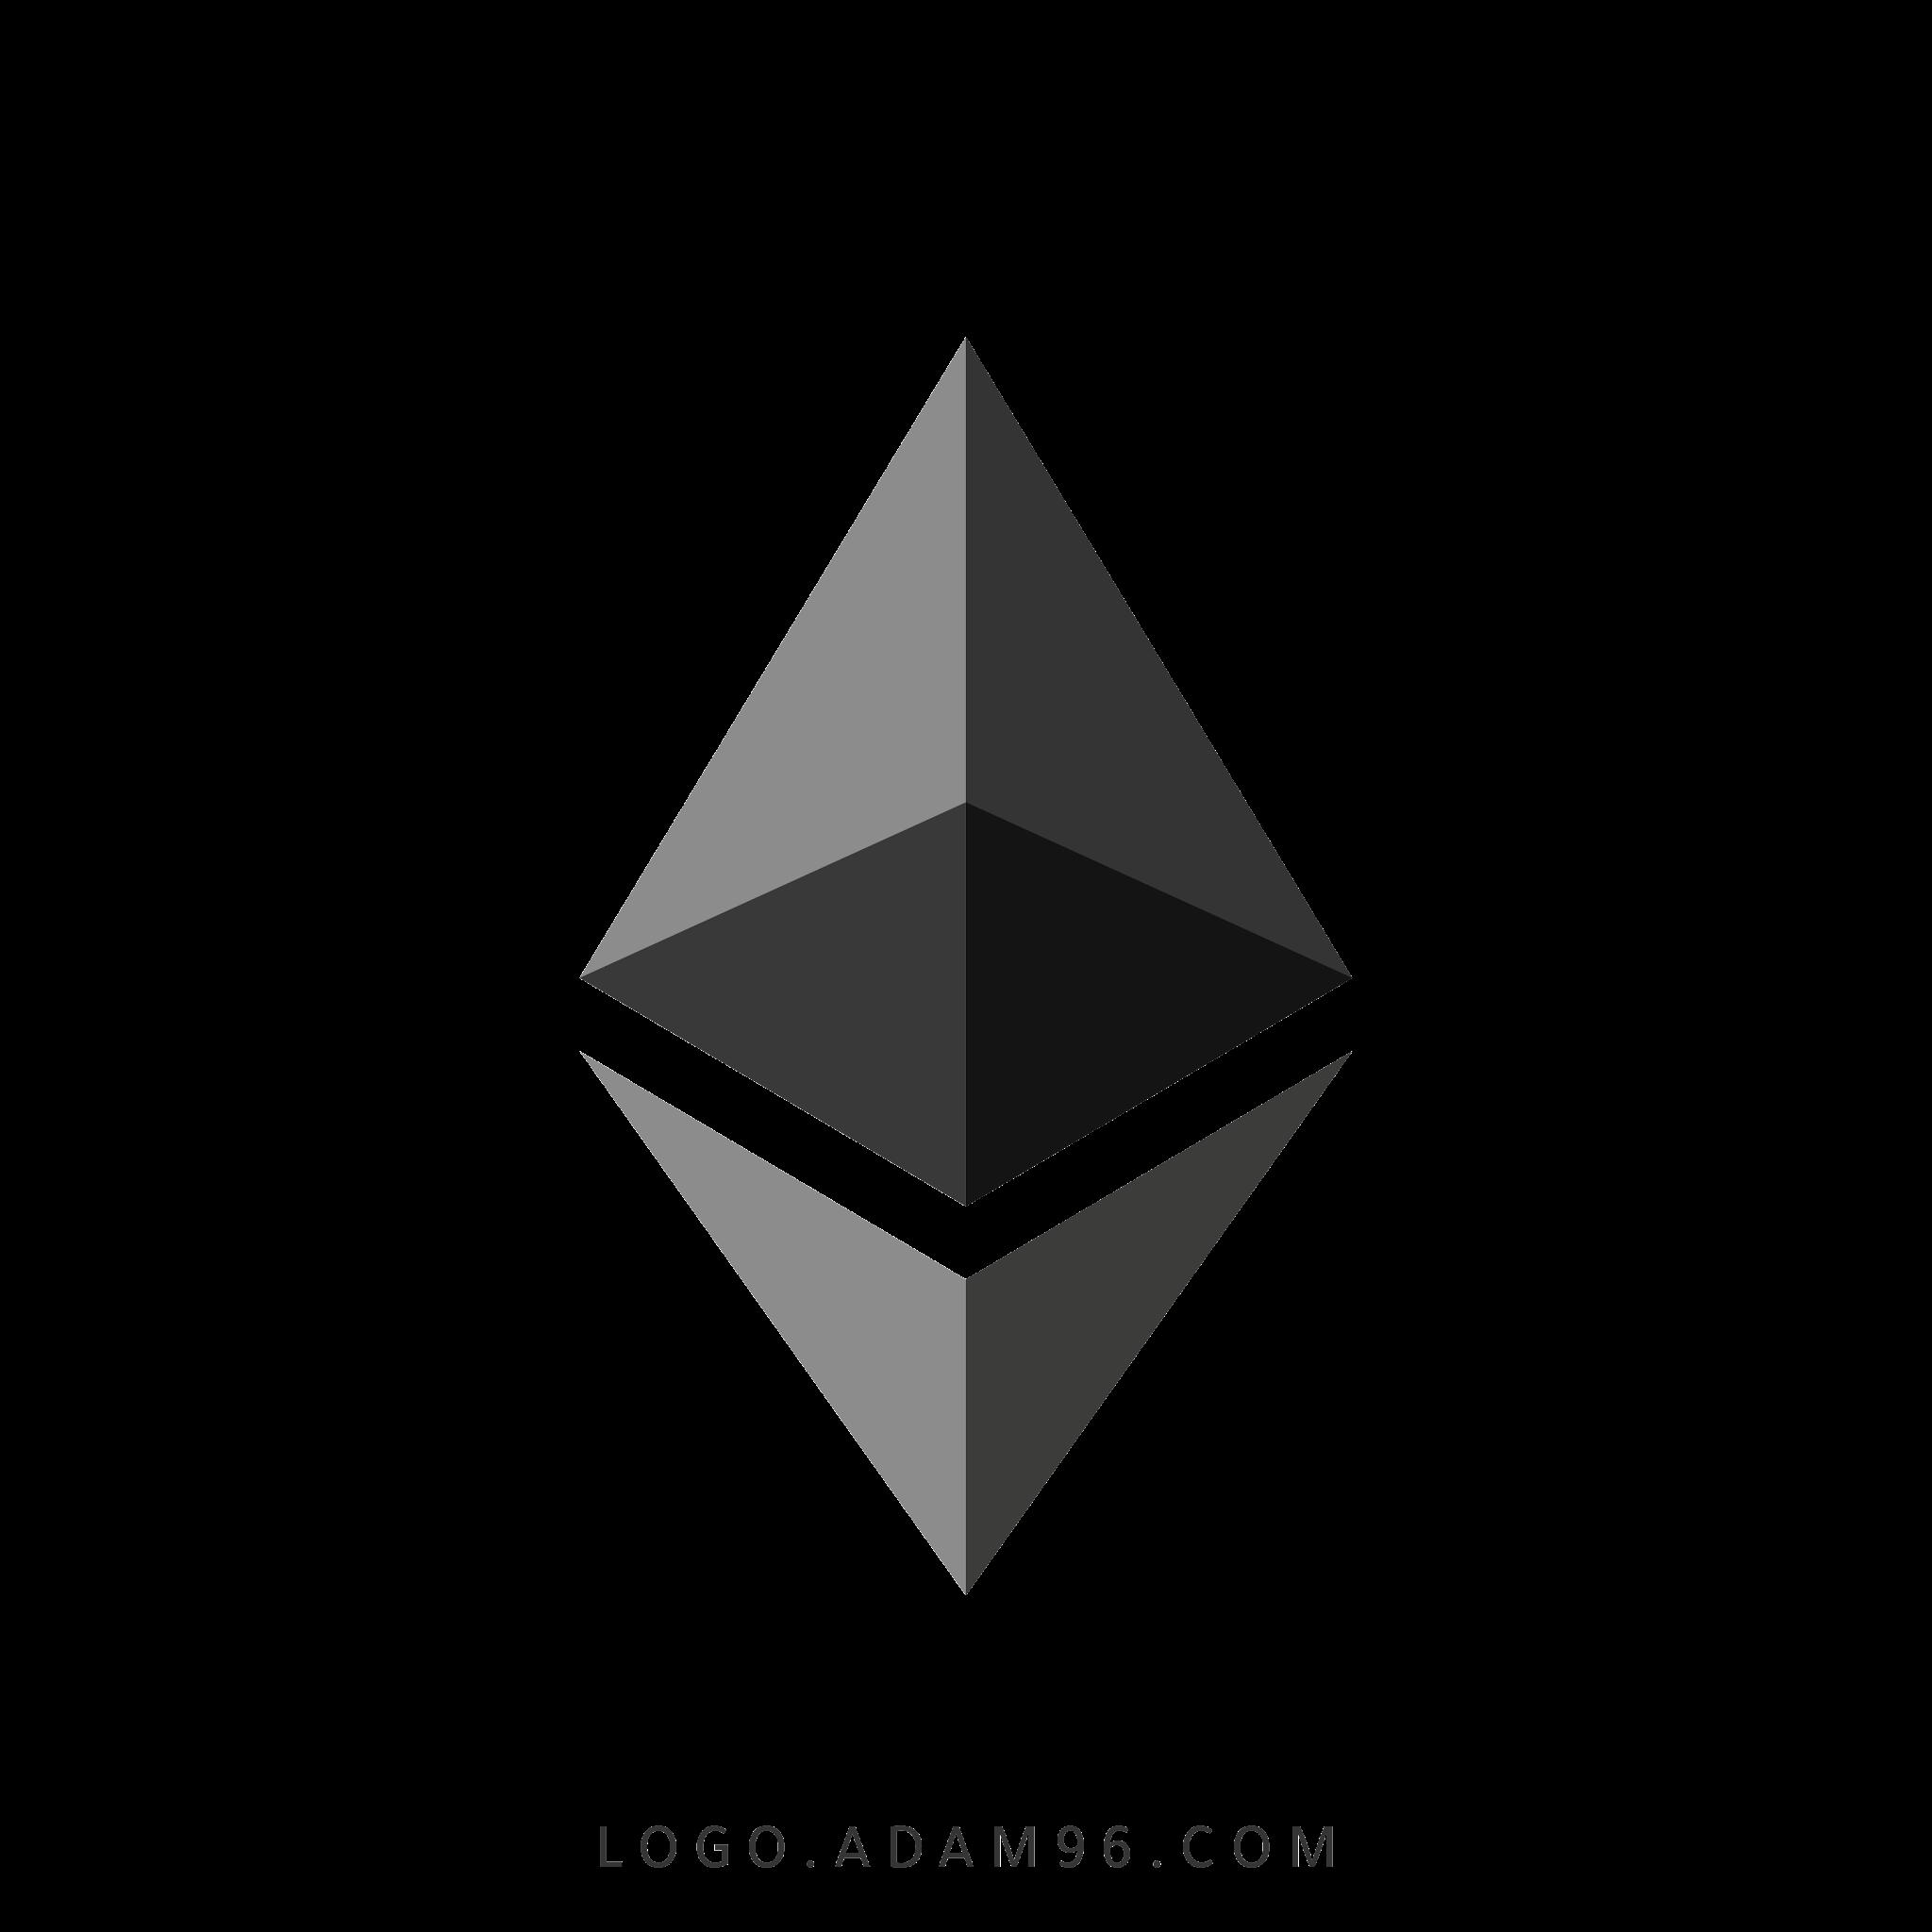 تحميل شعار عملة إيثريوم   Logo Ethereum